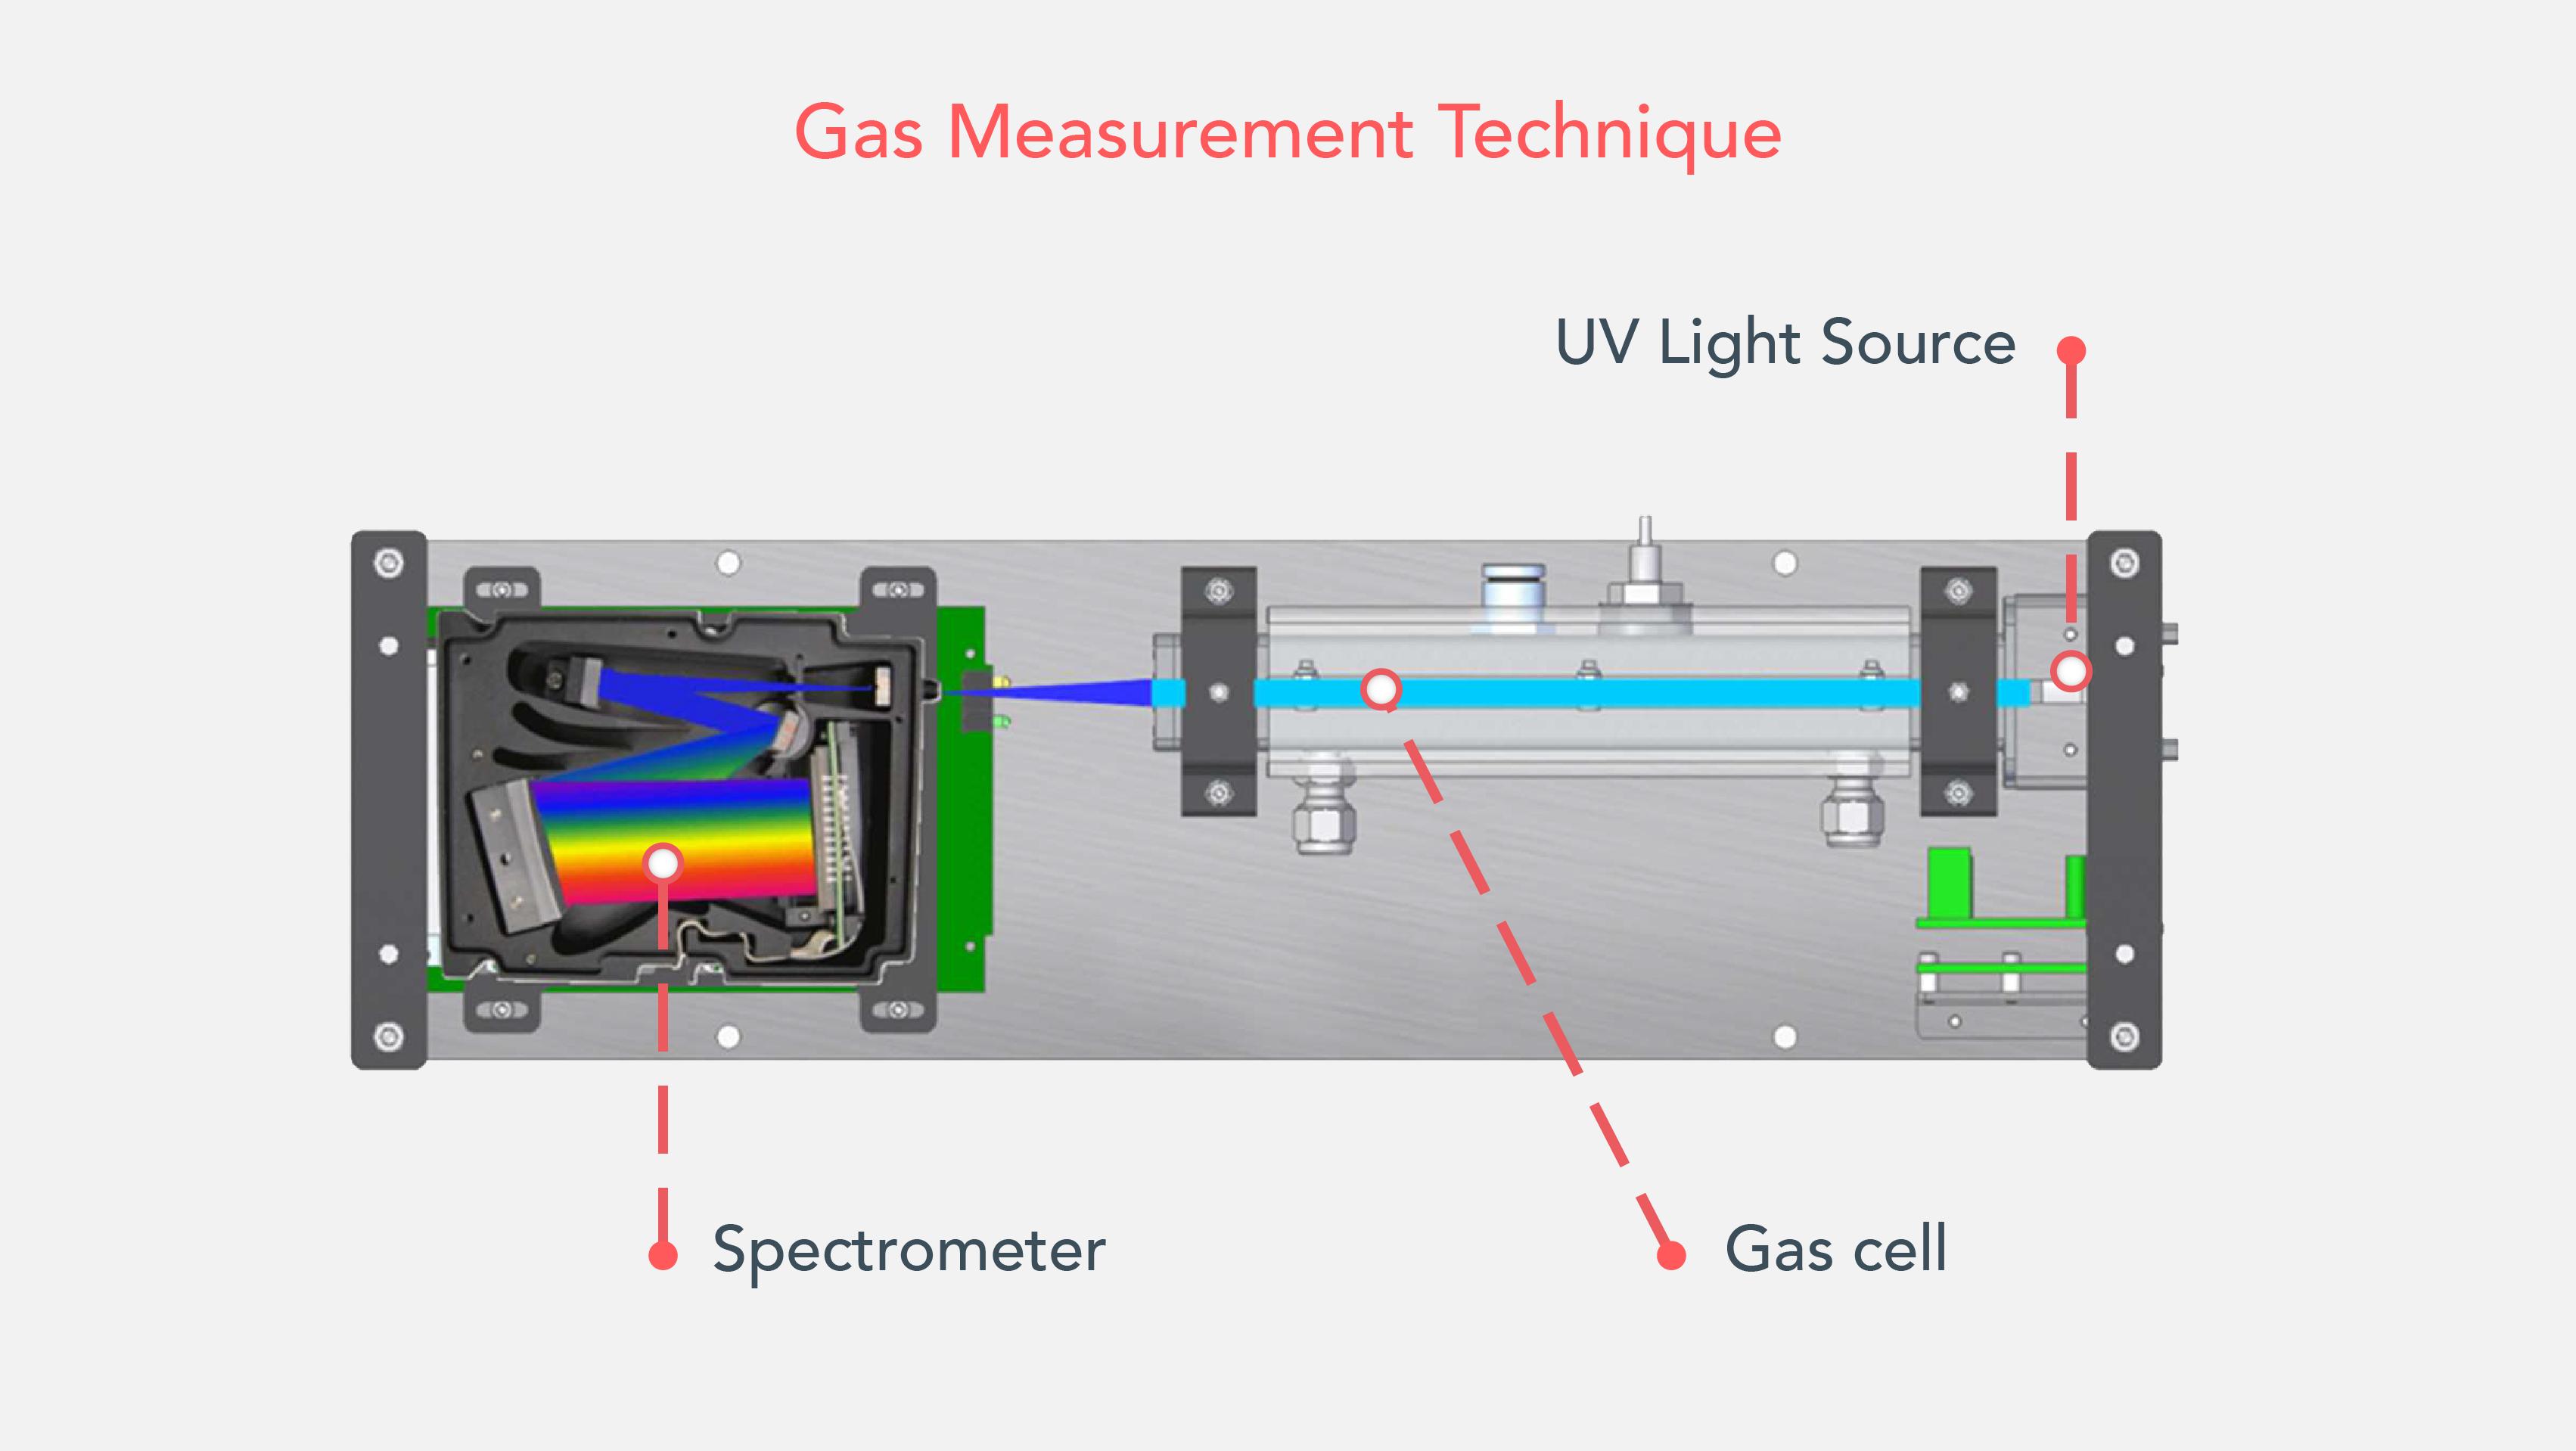 Gas measurement technique